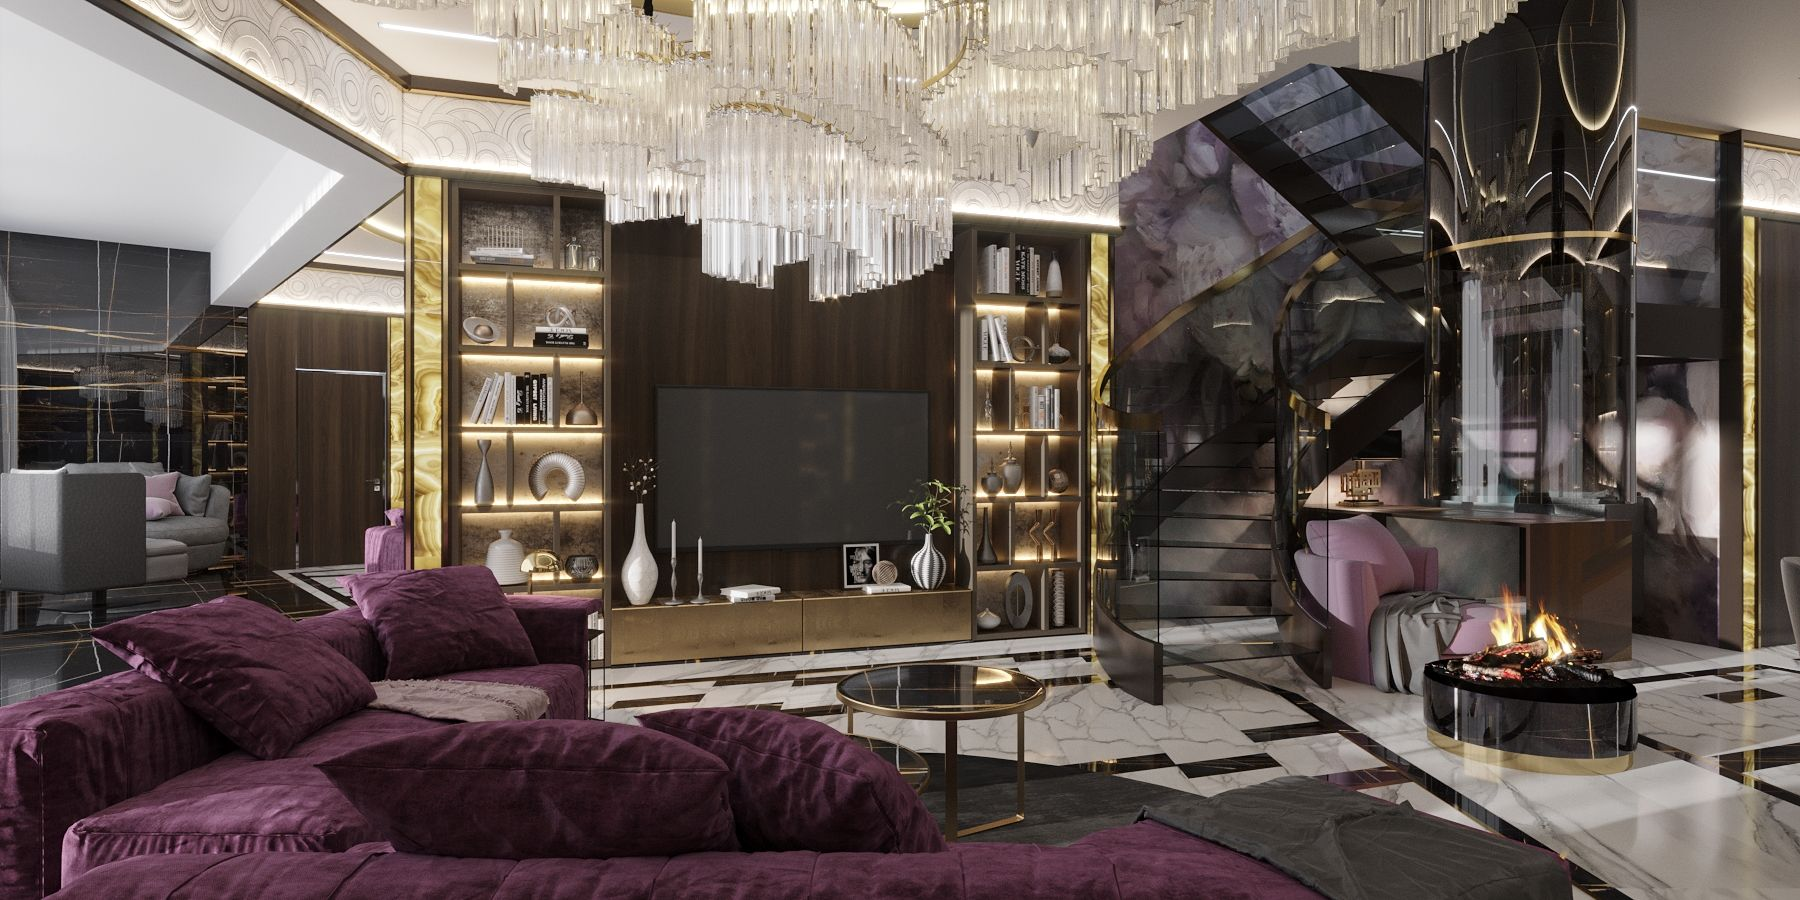 Дизайн двухуровневой квартиры в стиле арт-деко с камином и стеклянной лестницей